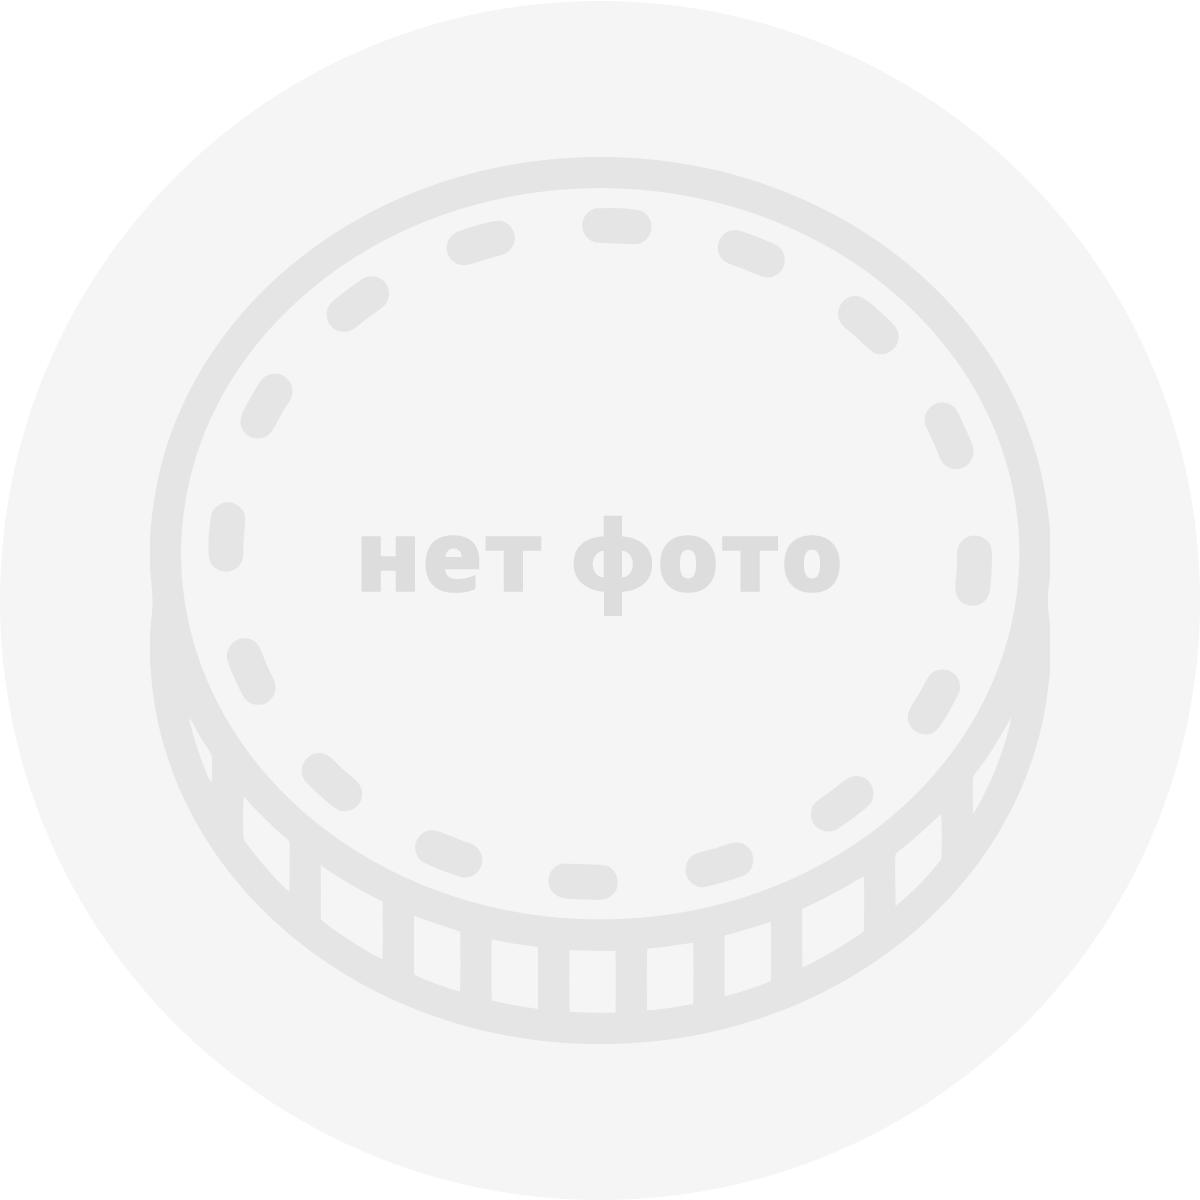 Монеты гернси каталог размер коллекции монет